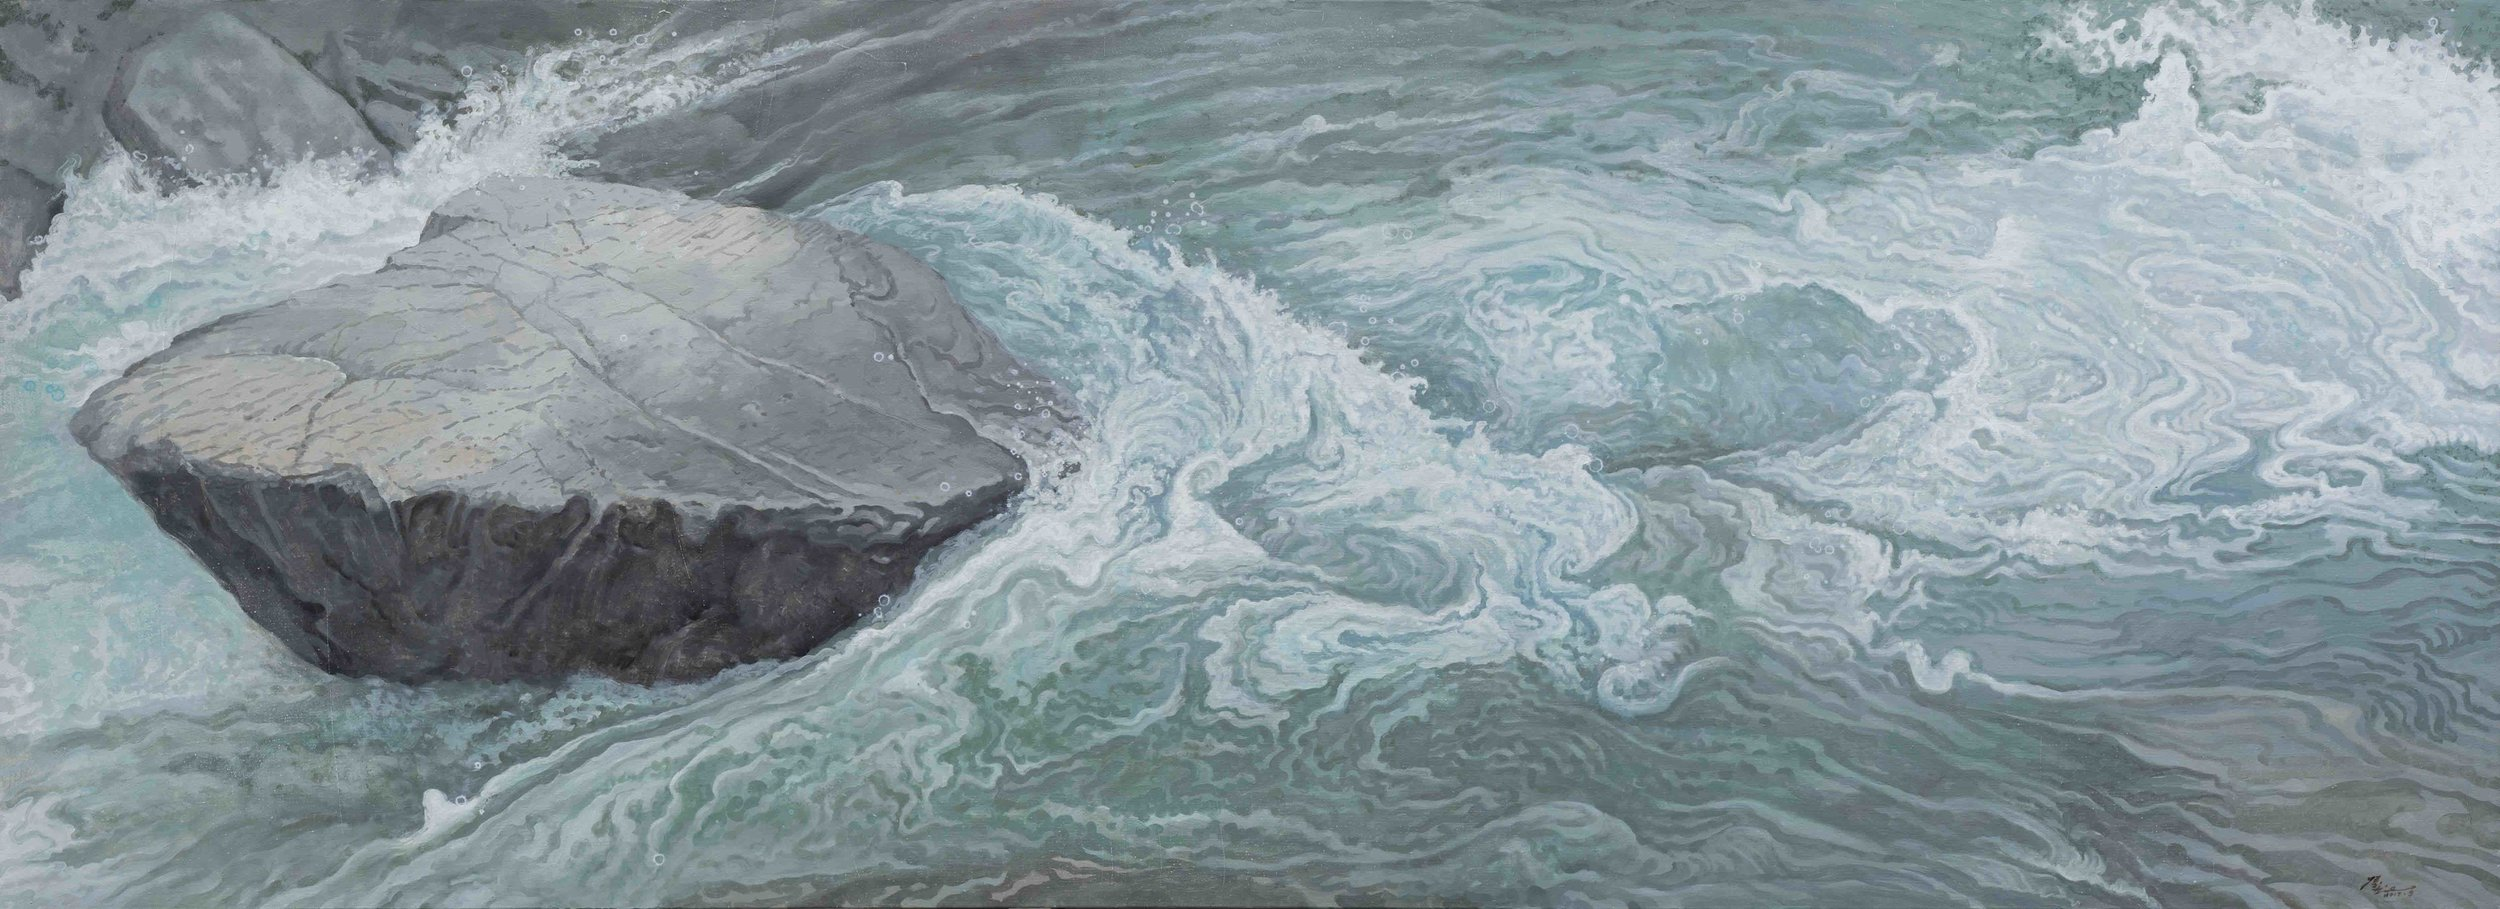 侯俊杰 HOU Junjie〈上善若水·觀瀾 NO.1 The Supreme Good is Like Water-Observing Ripples NO.1〉